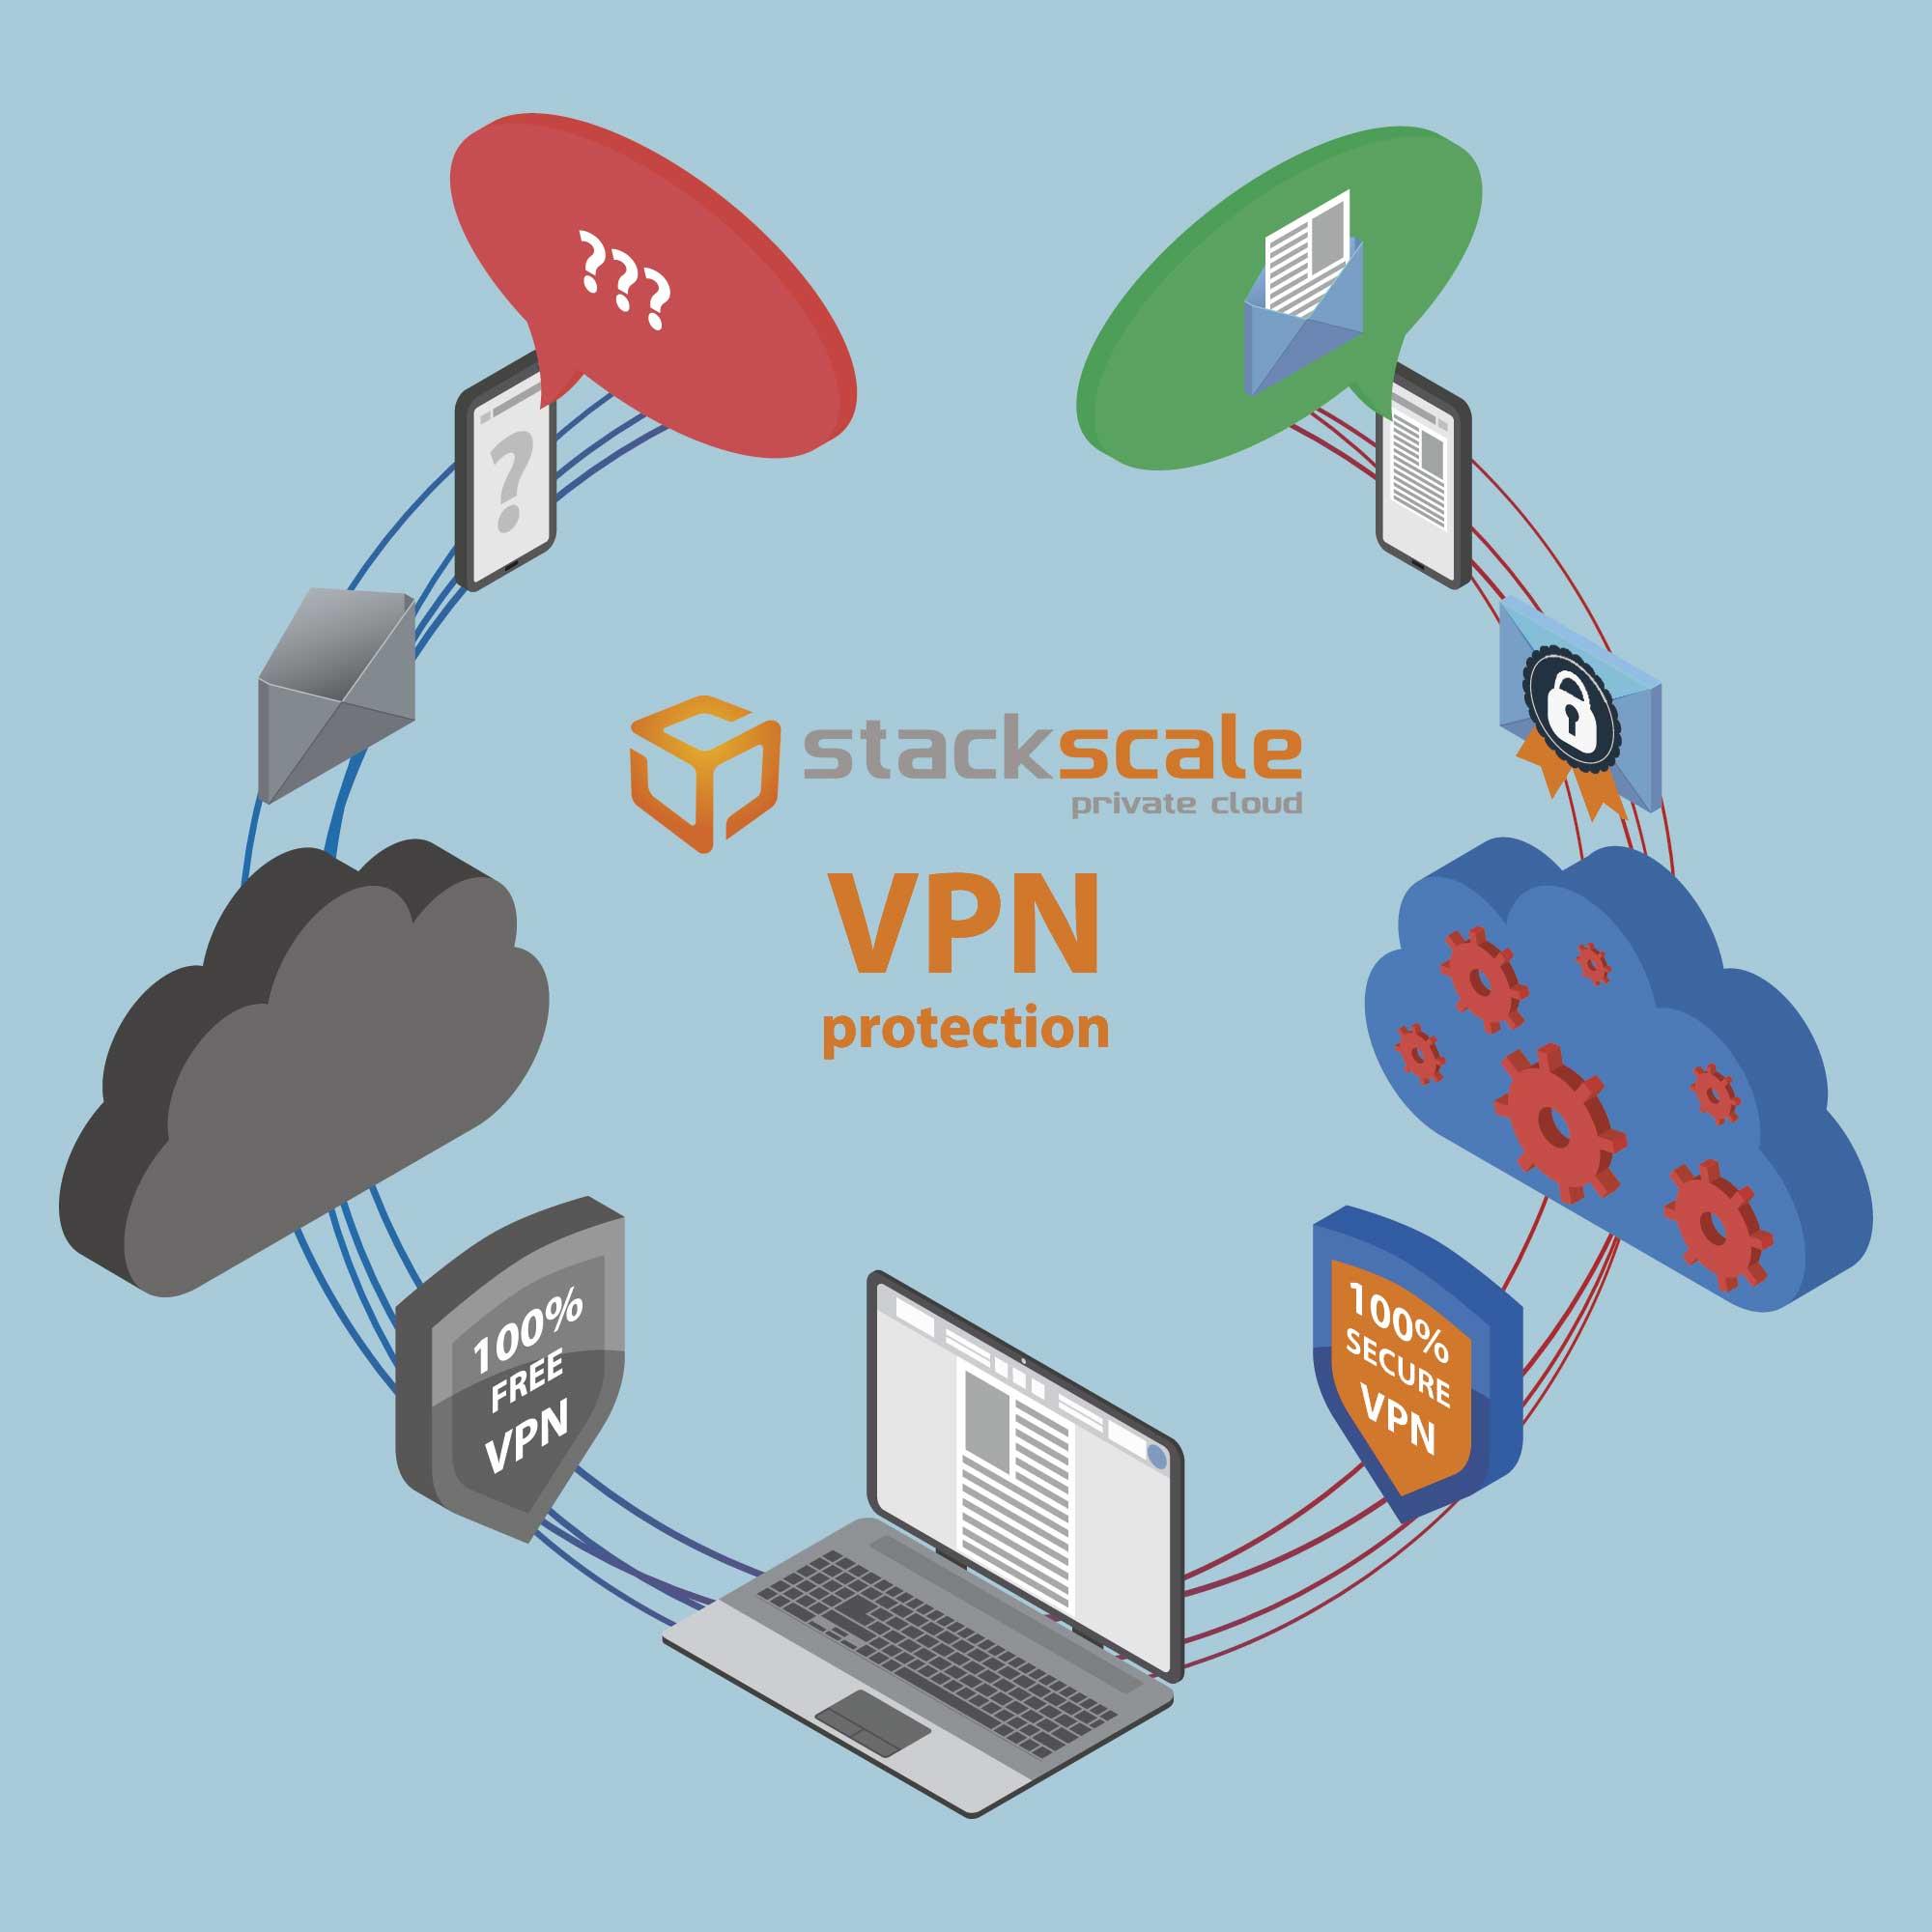 ¿Qué es una VPN y por qué las usamos en Stackscale?